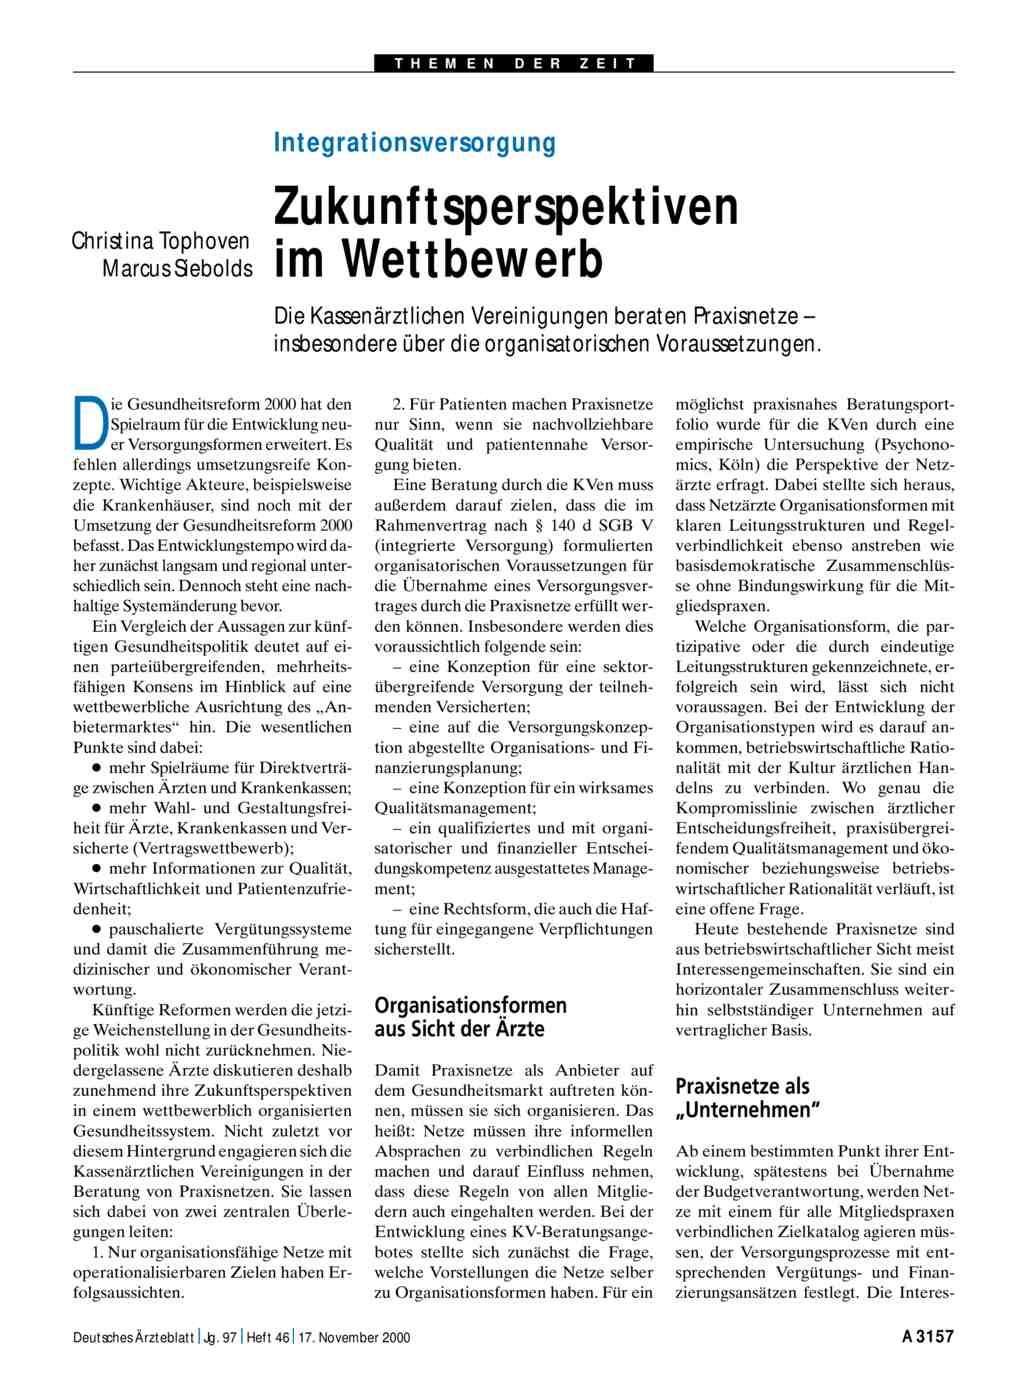 Integrationsversorgung: Zukunftsperspektiven im Wettbewerb